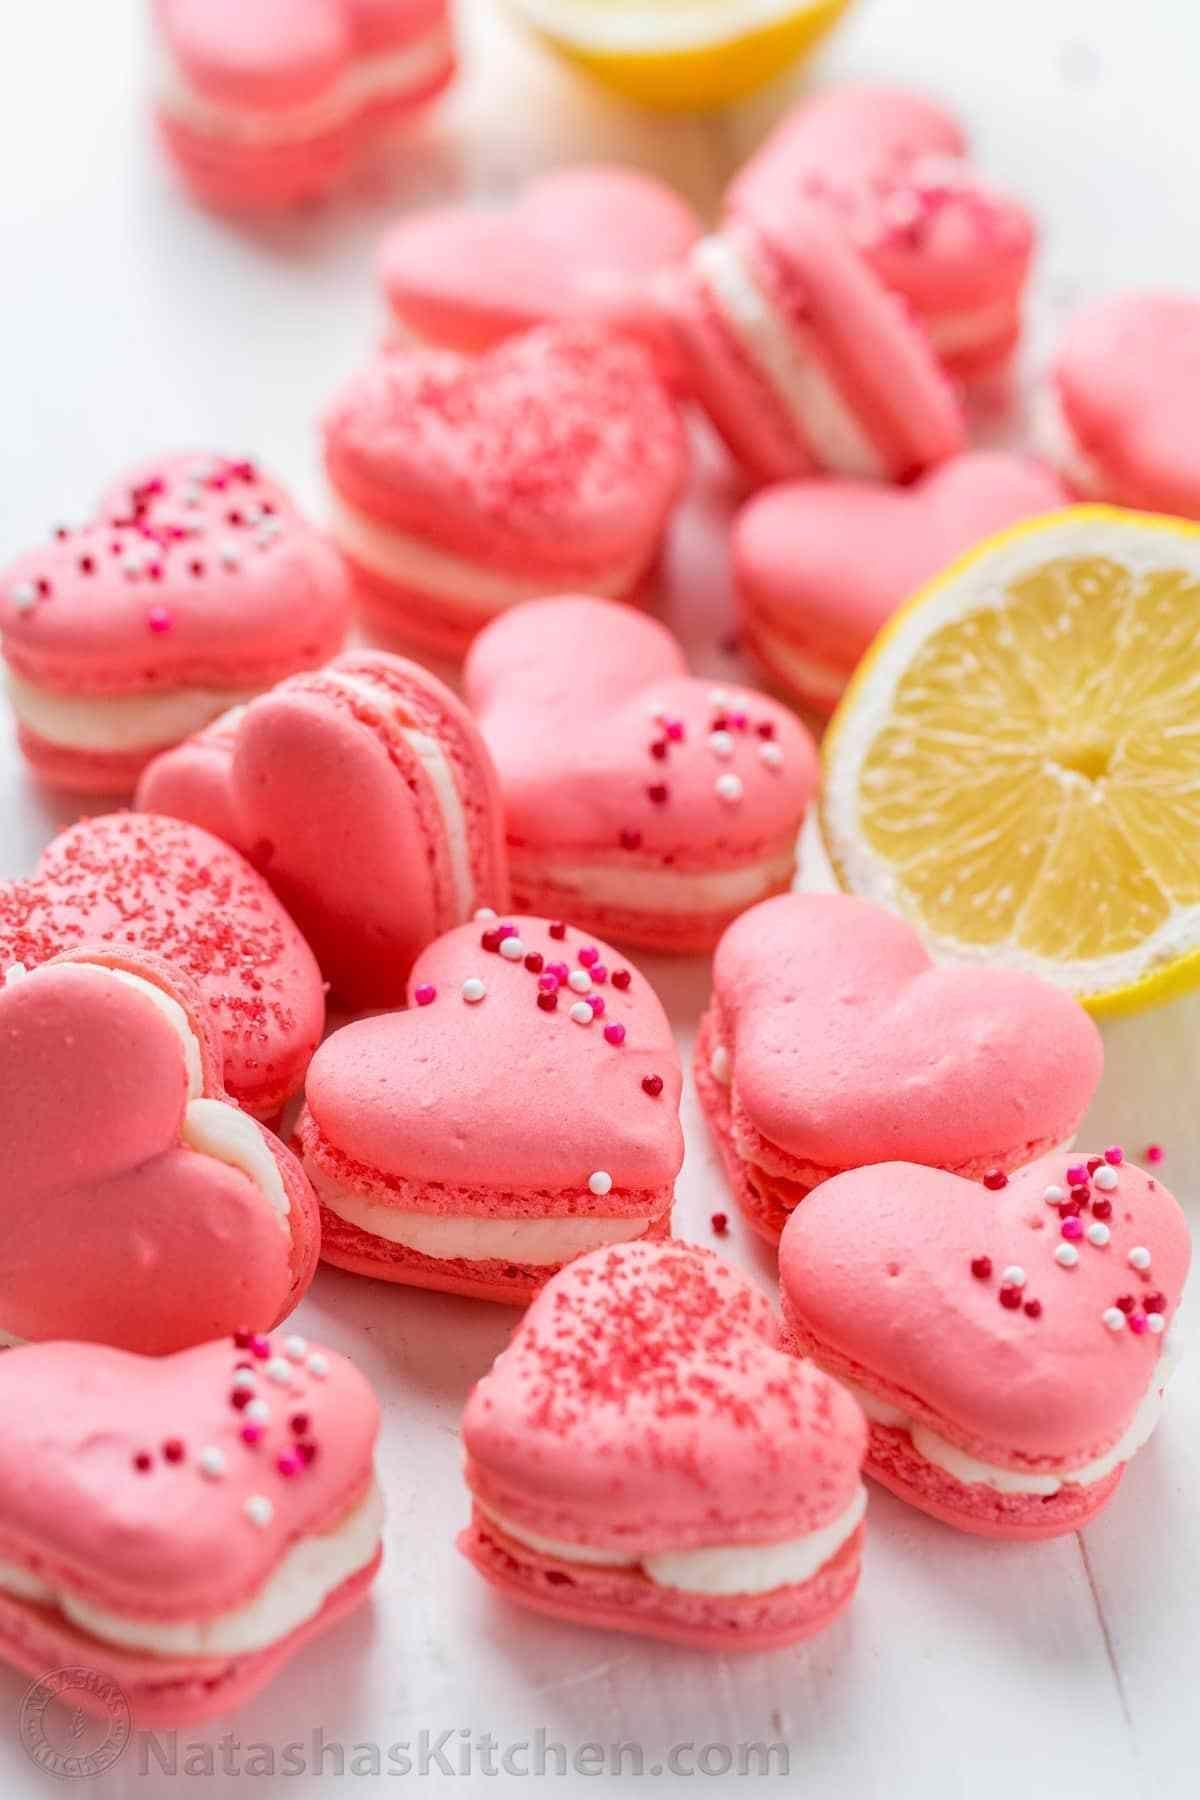 Heart Macarons with Lemon Buttercream (VIDEO) - NatashasKitchen.com #lemonbuttercream Heart Macarons with Lemon Buttercream (VIDEO) - NatashasKitchen.com #lemonbuttercream